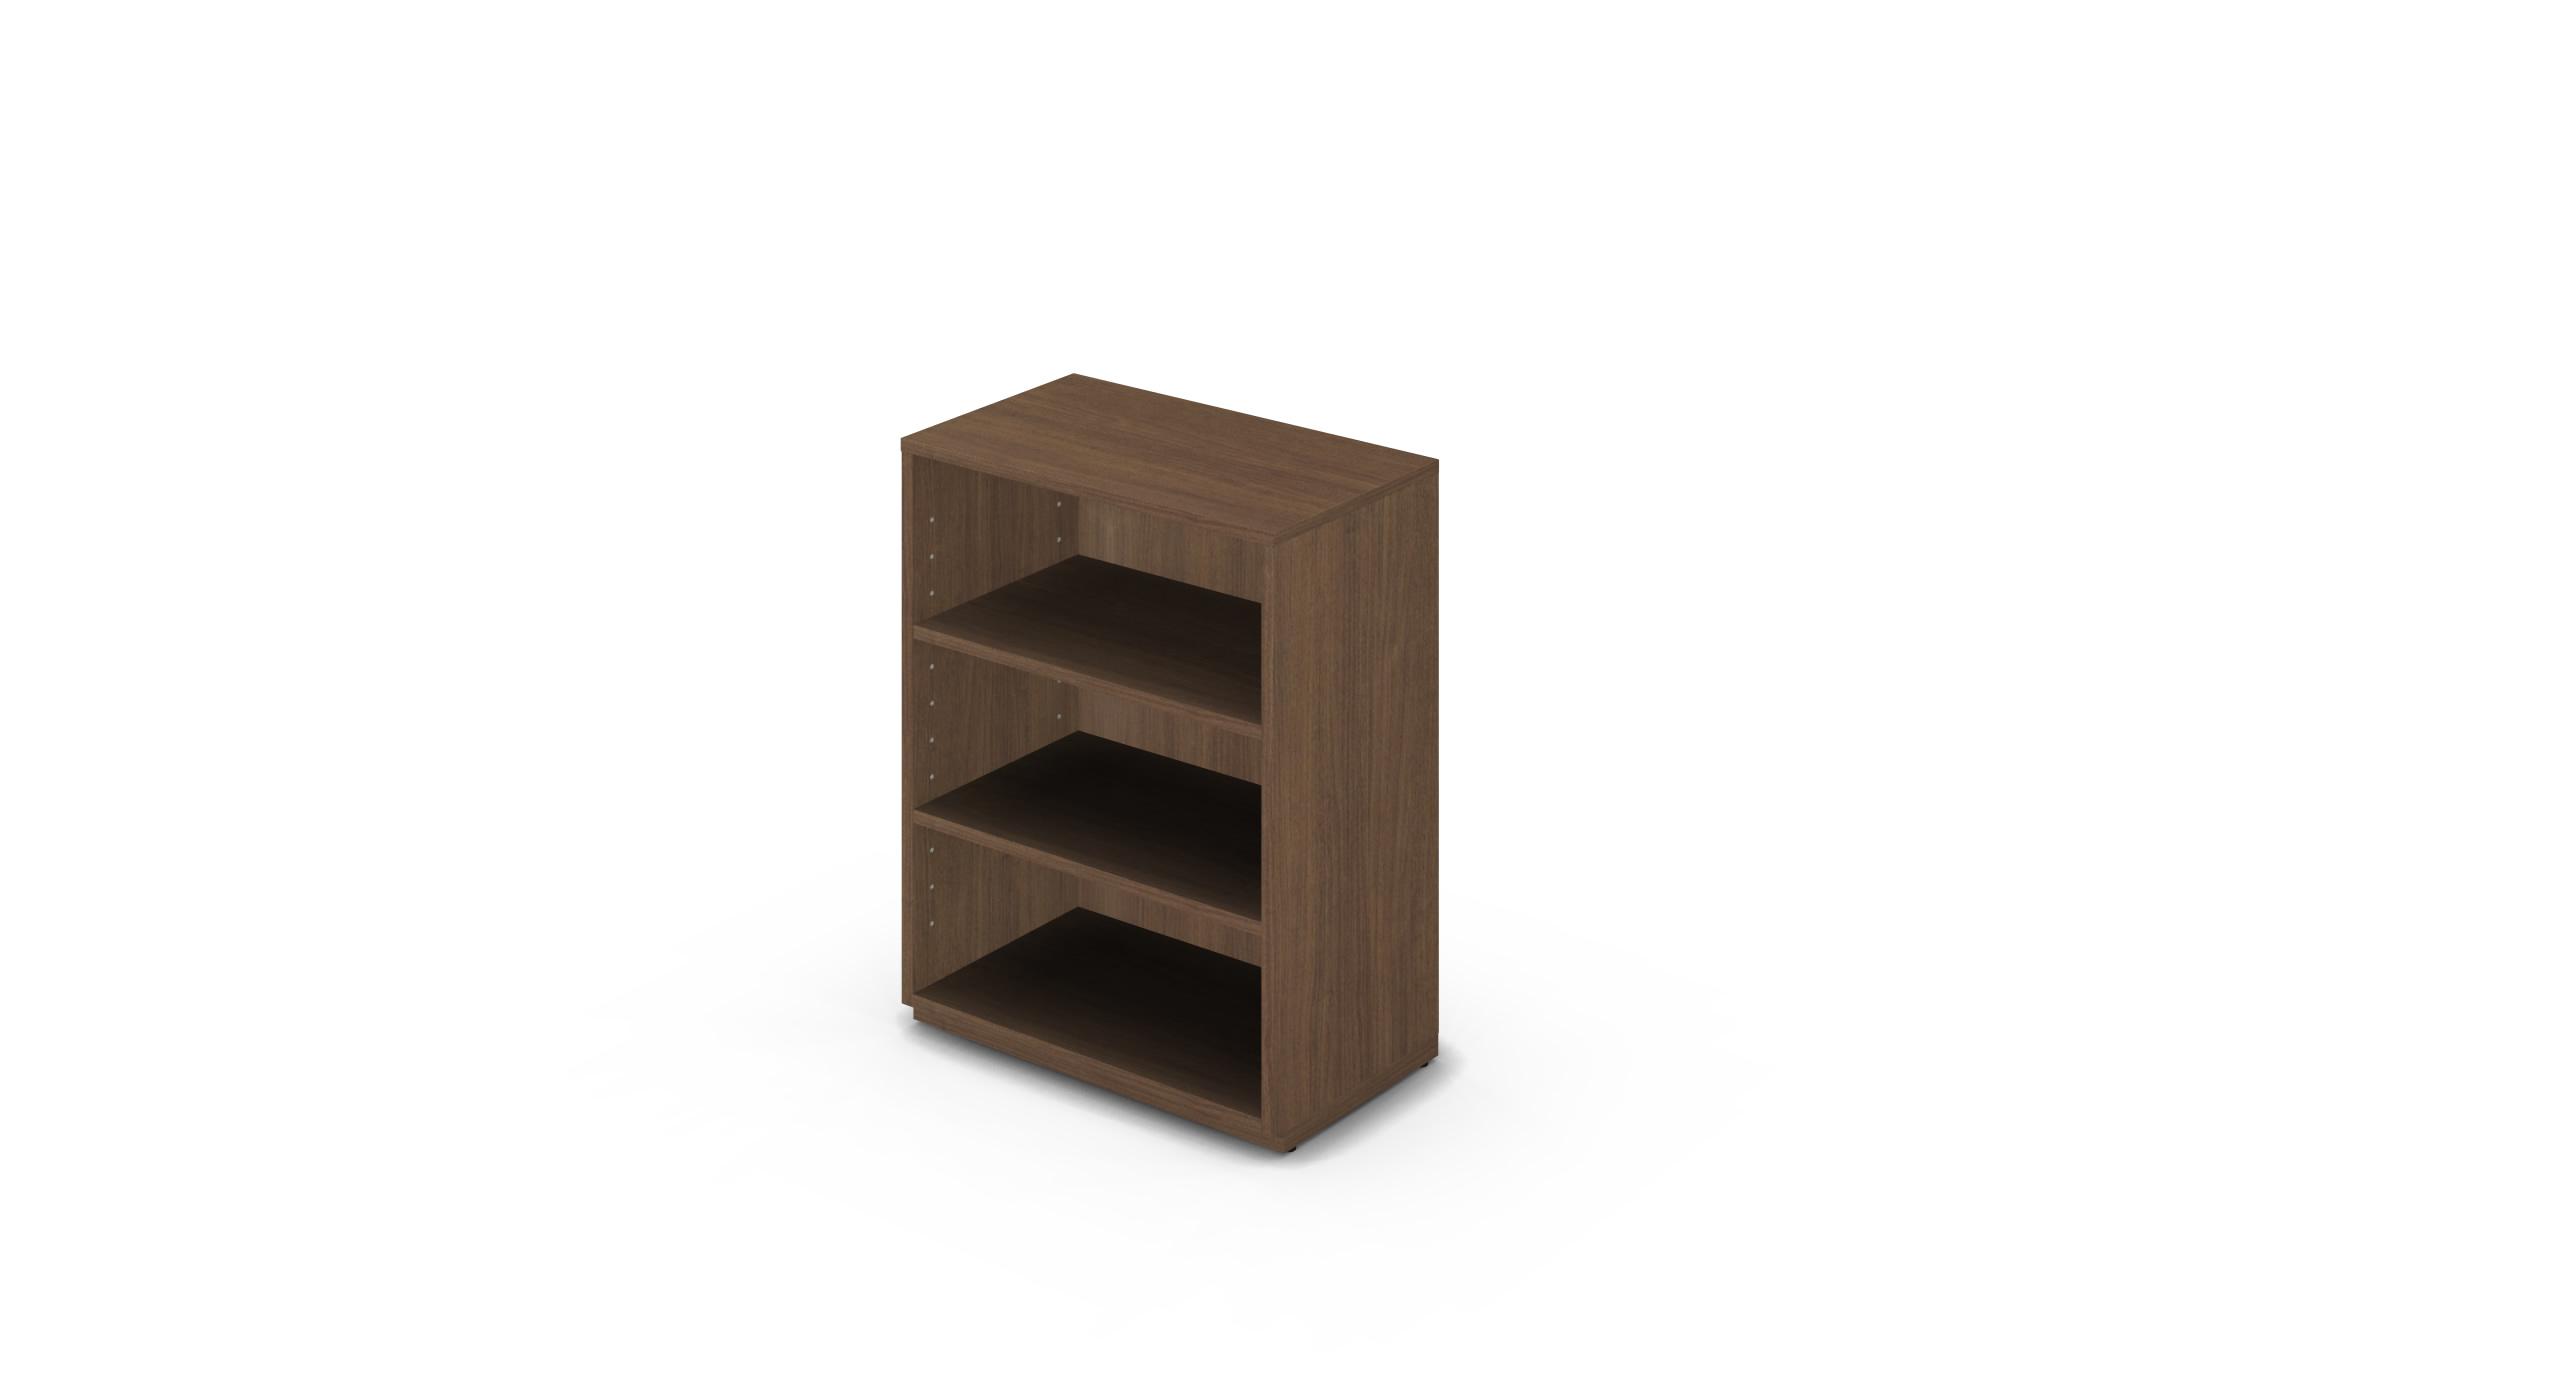 Shelf_800x450x1125_Walnut